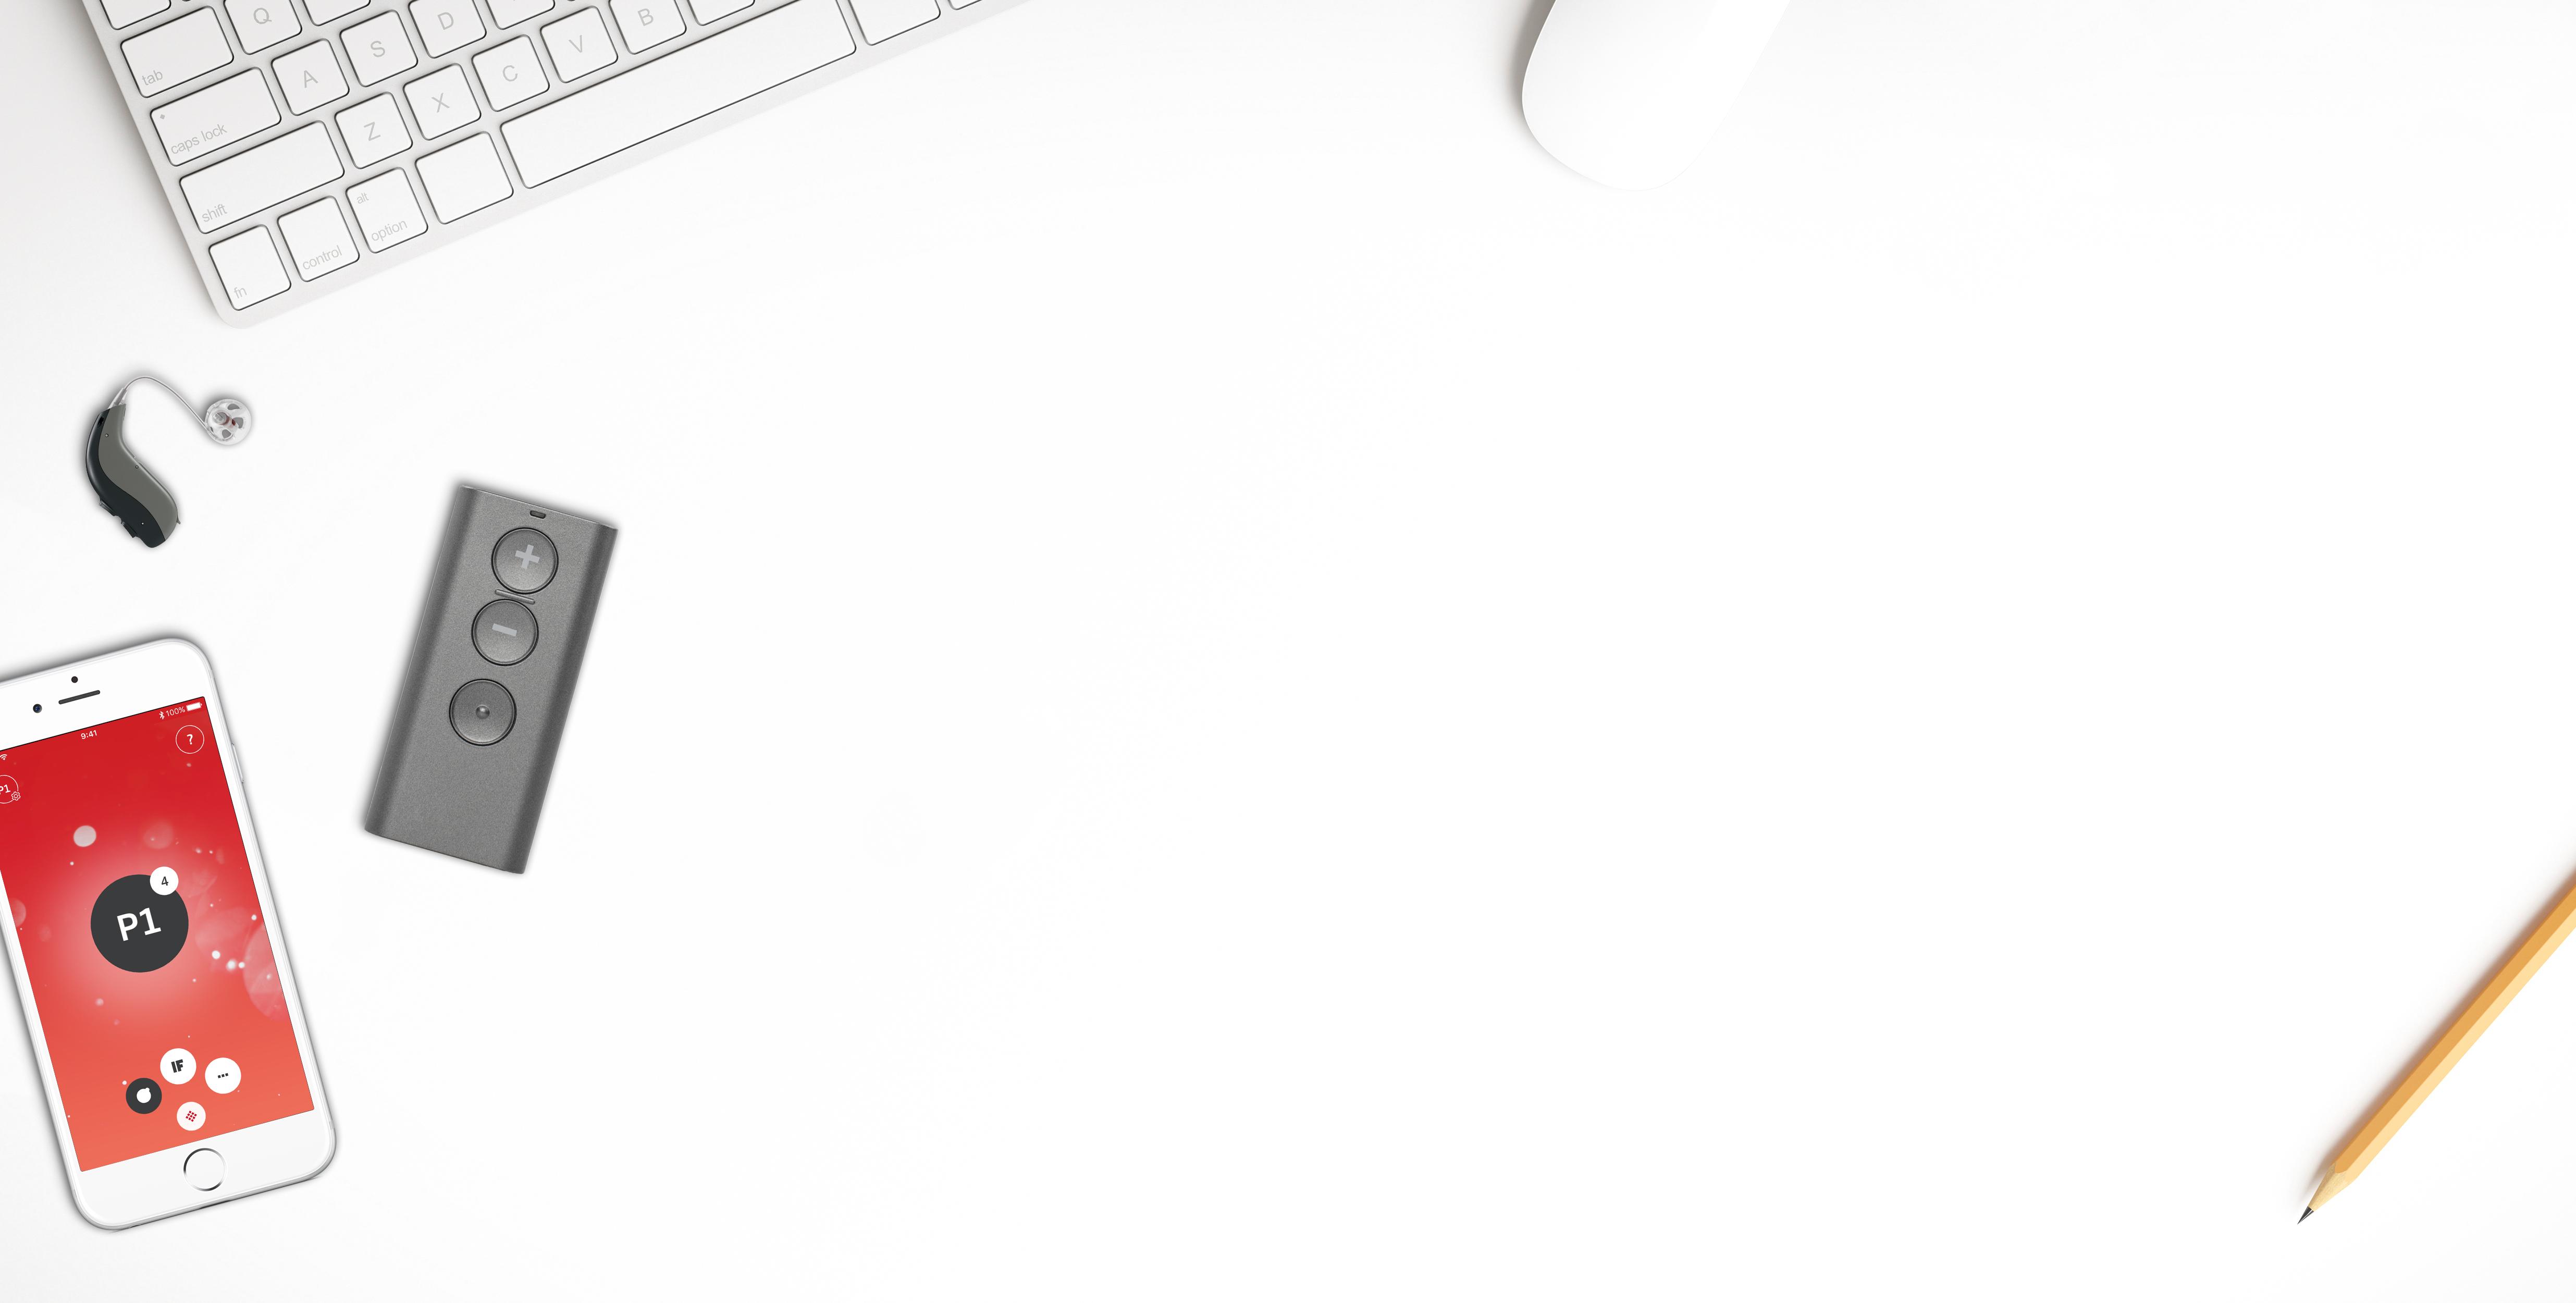 desktop_iphone_app_1920_972_no_ipad_ab_Zerena